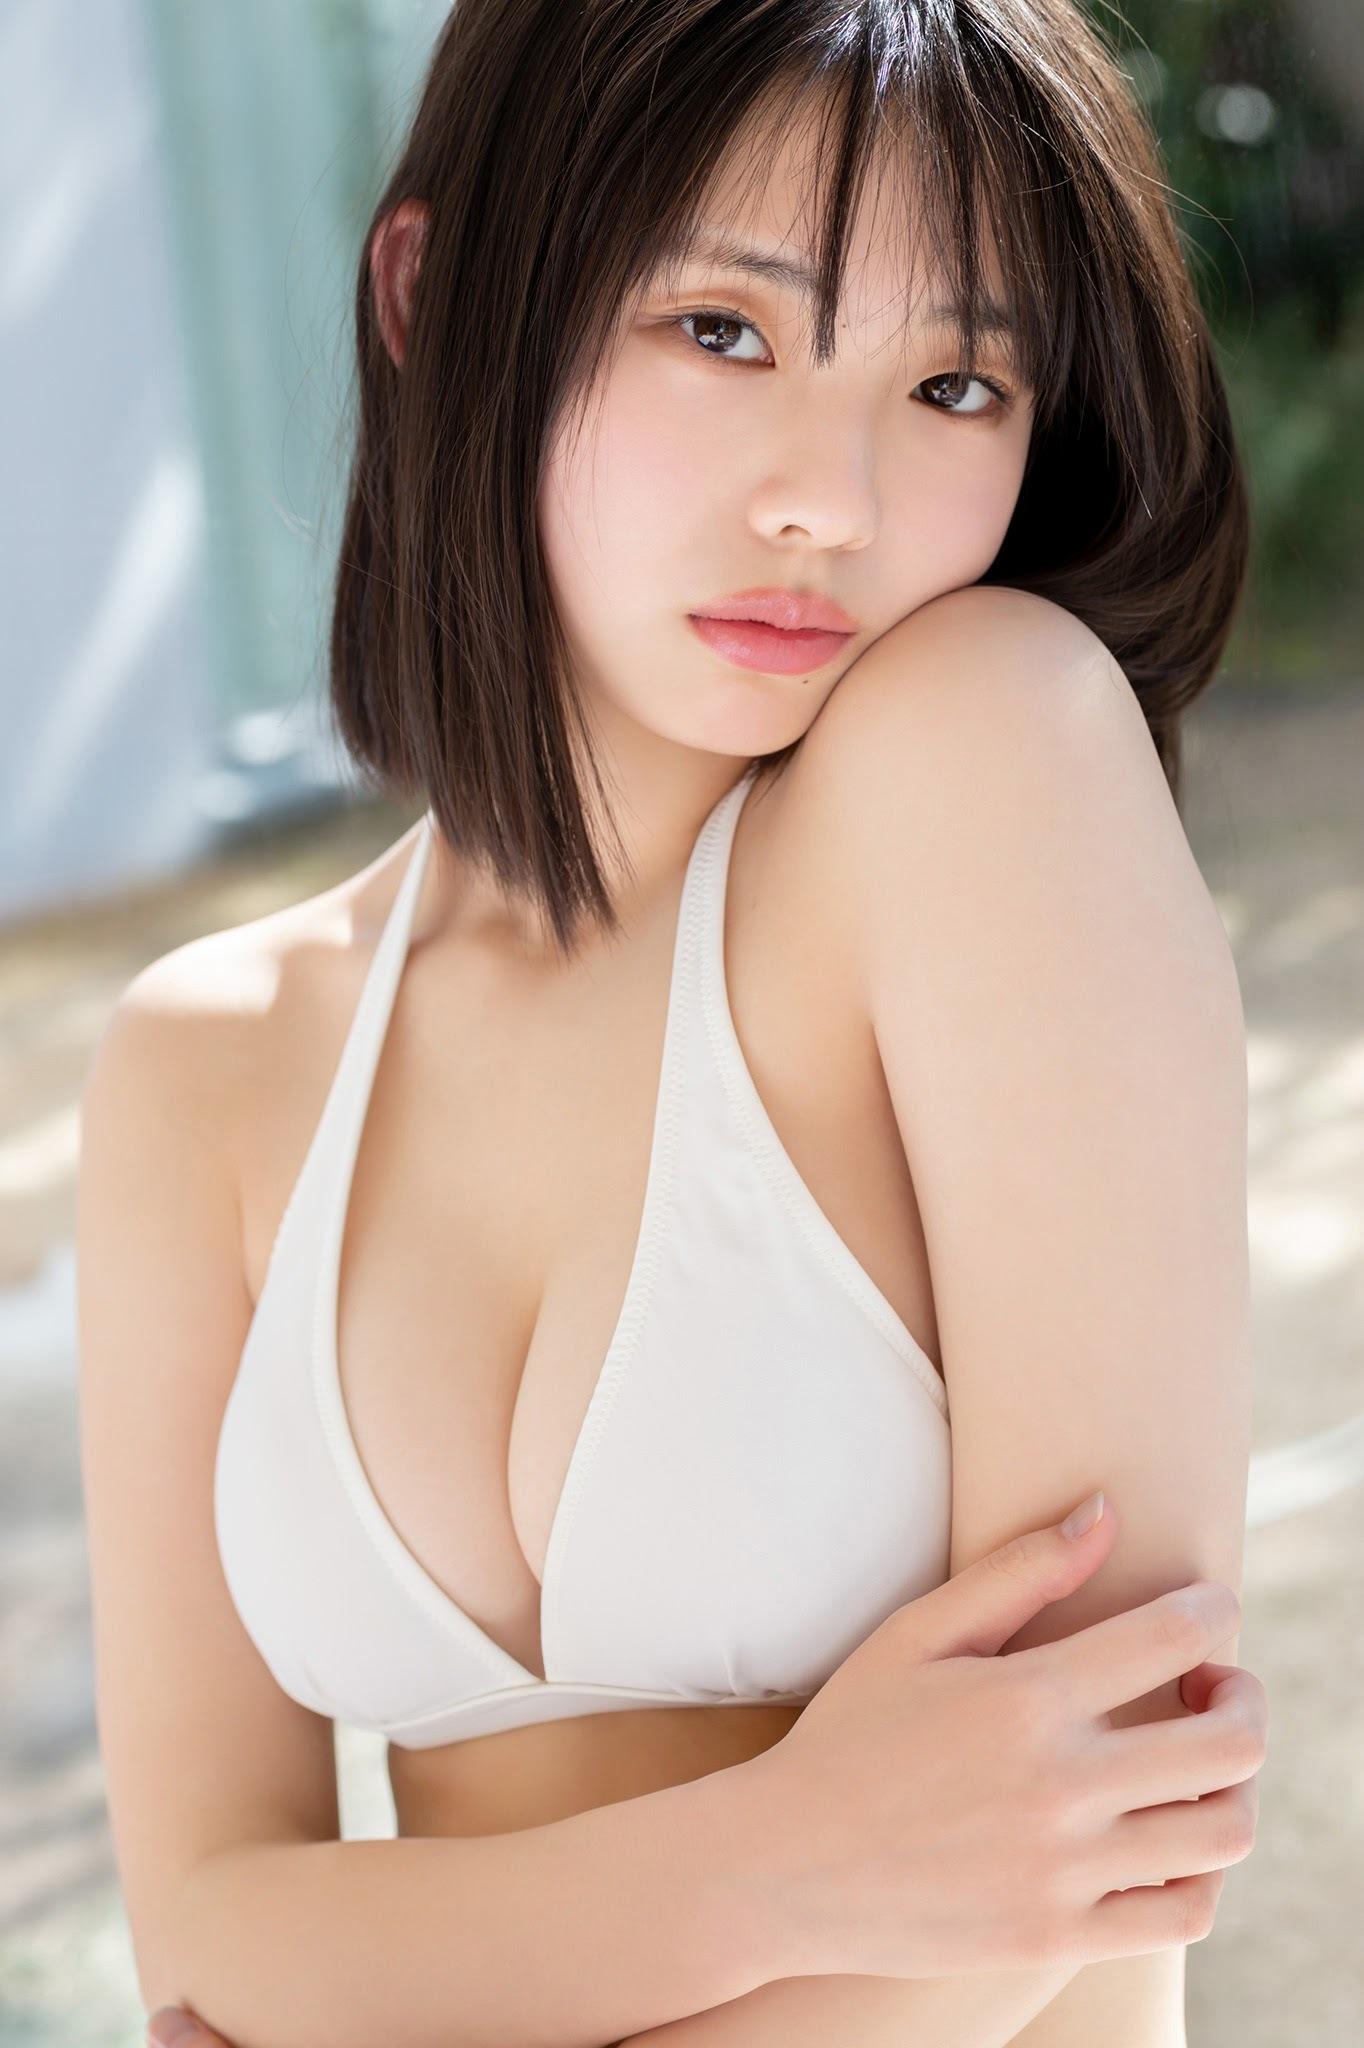 菊地姫奈132